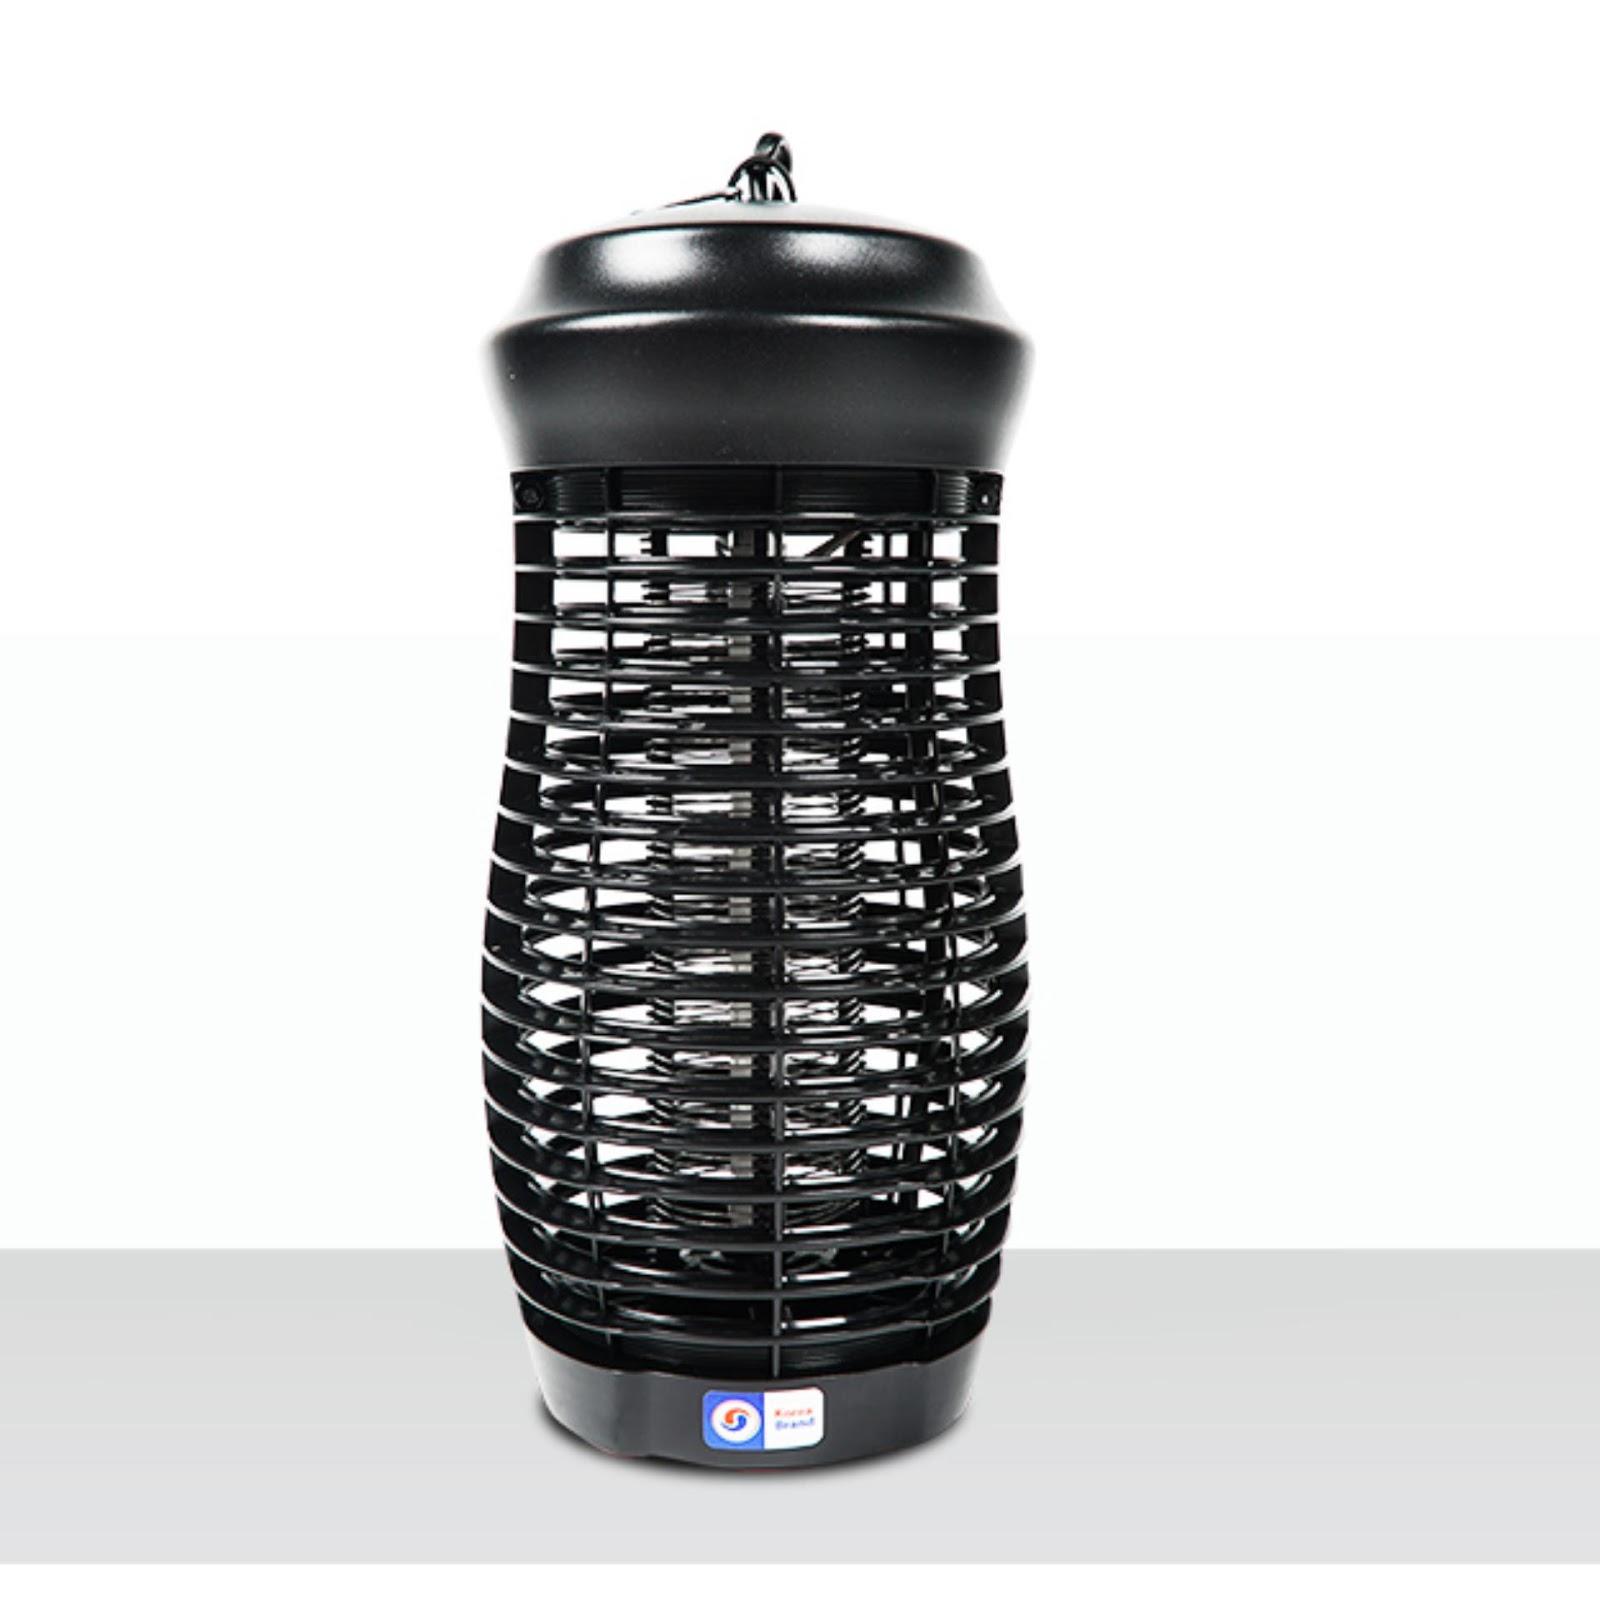 Đèn ngủ diệt muỗi Daewoo DWIK-680